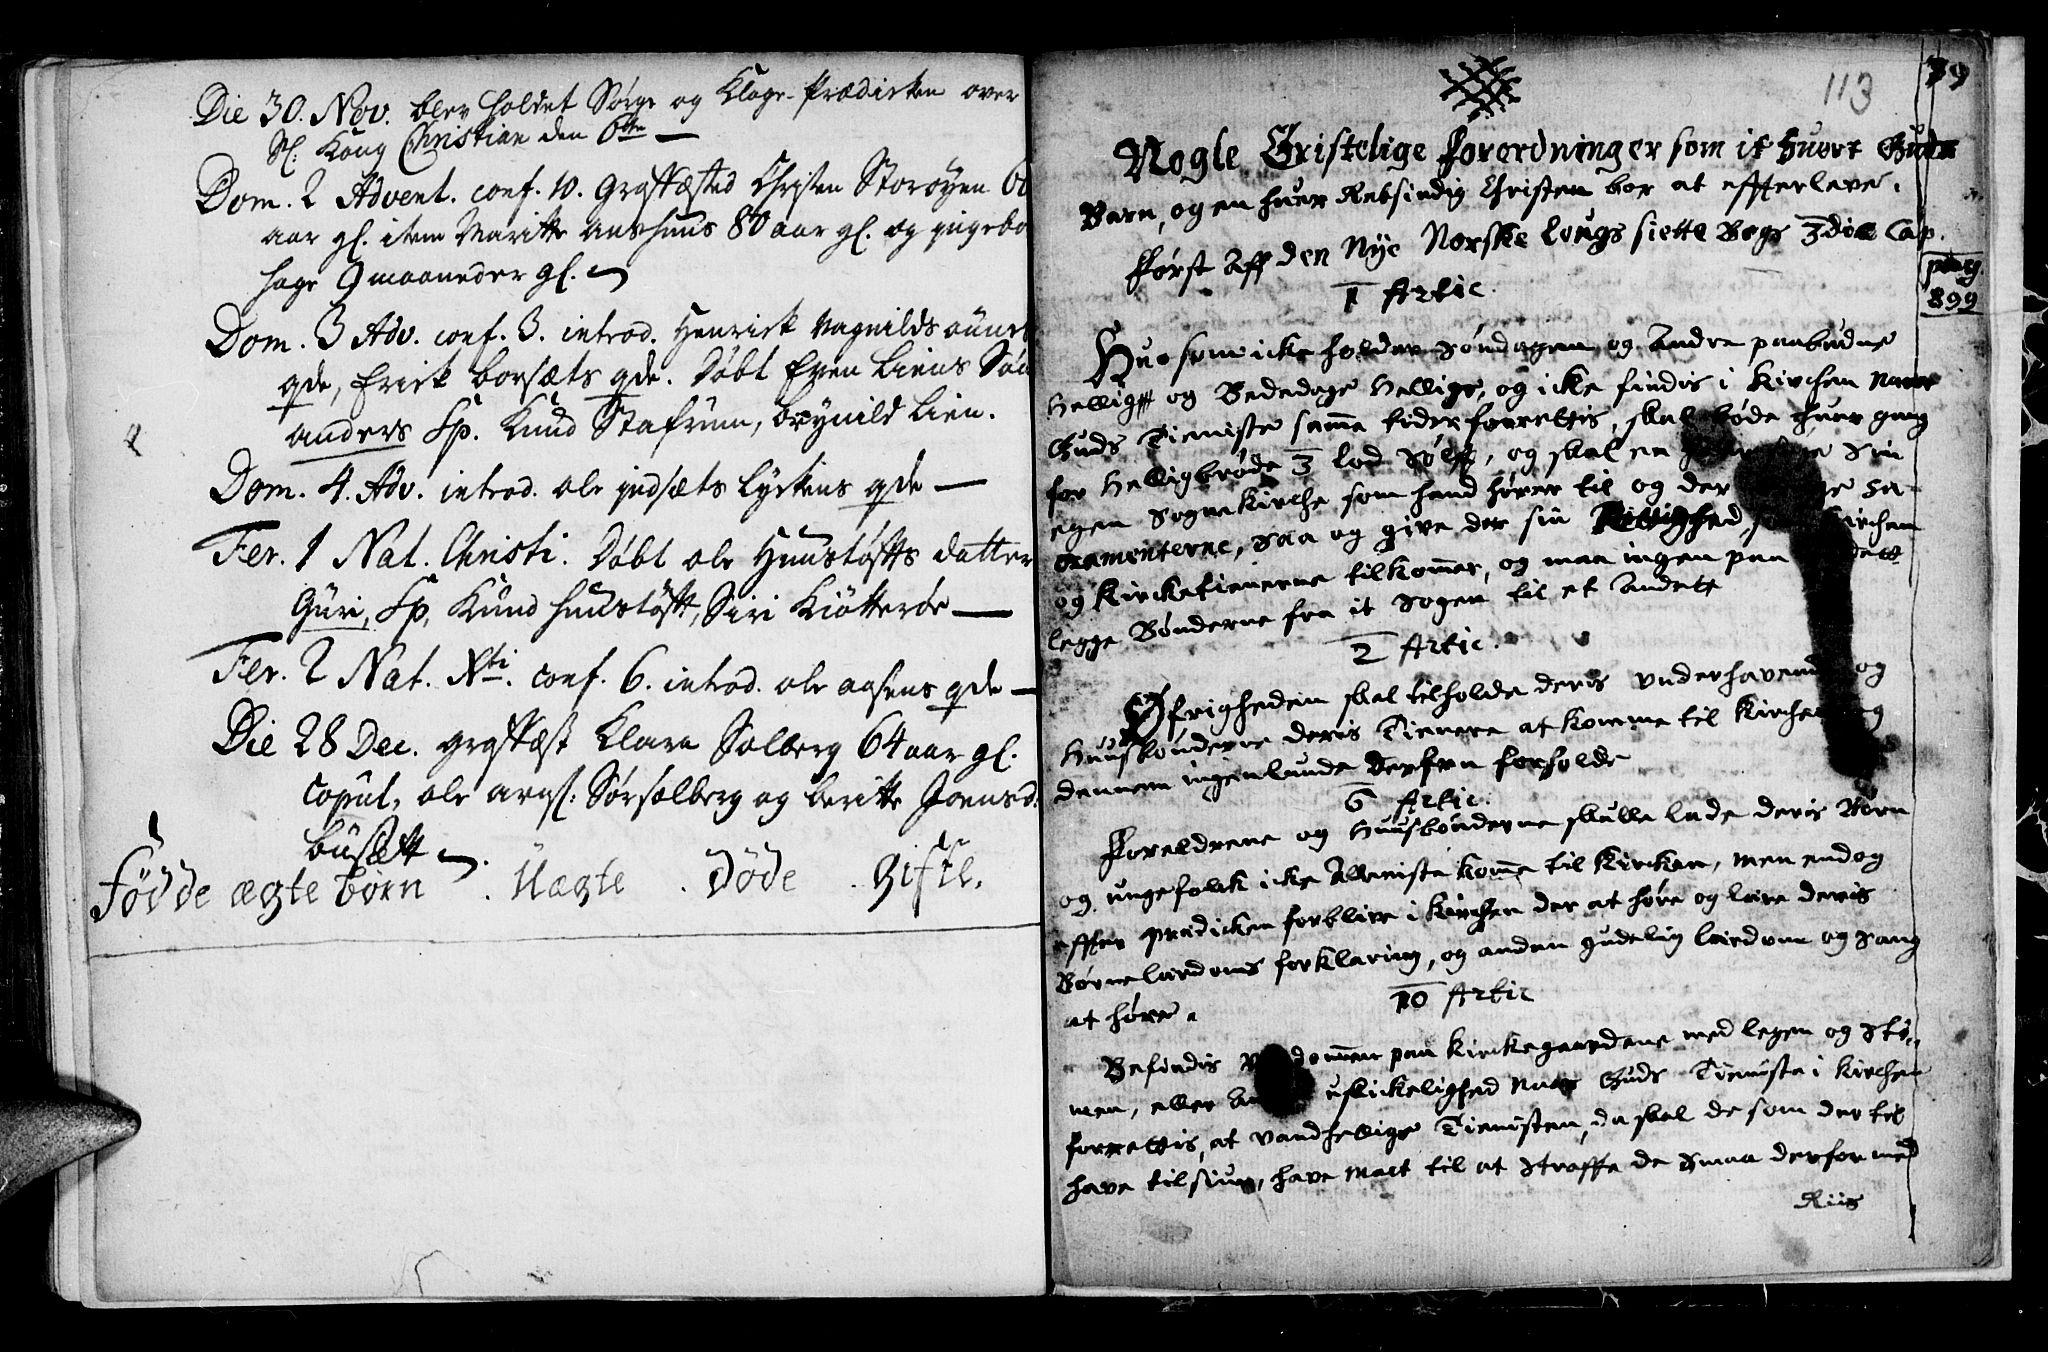 SAT, Ministerialprotokoller, klokkerbøker og fødselsregistre - Sør-Trøndelag, 689/L1036: Ministerialbok nr. 689A01, 1696-1746, s. 113